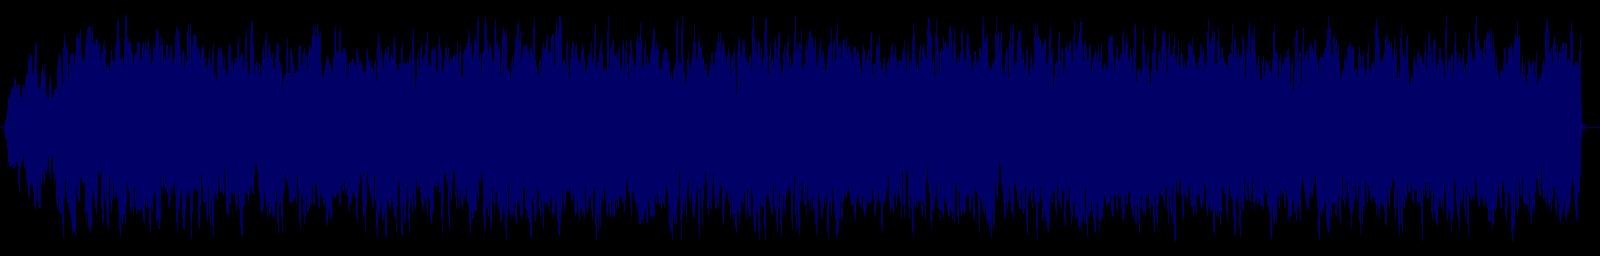 waveform of track #143378